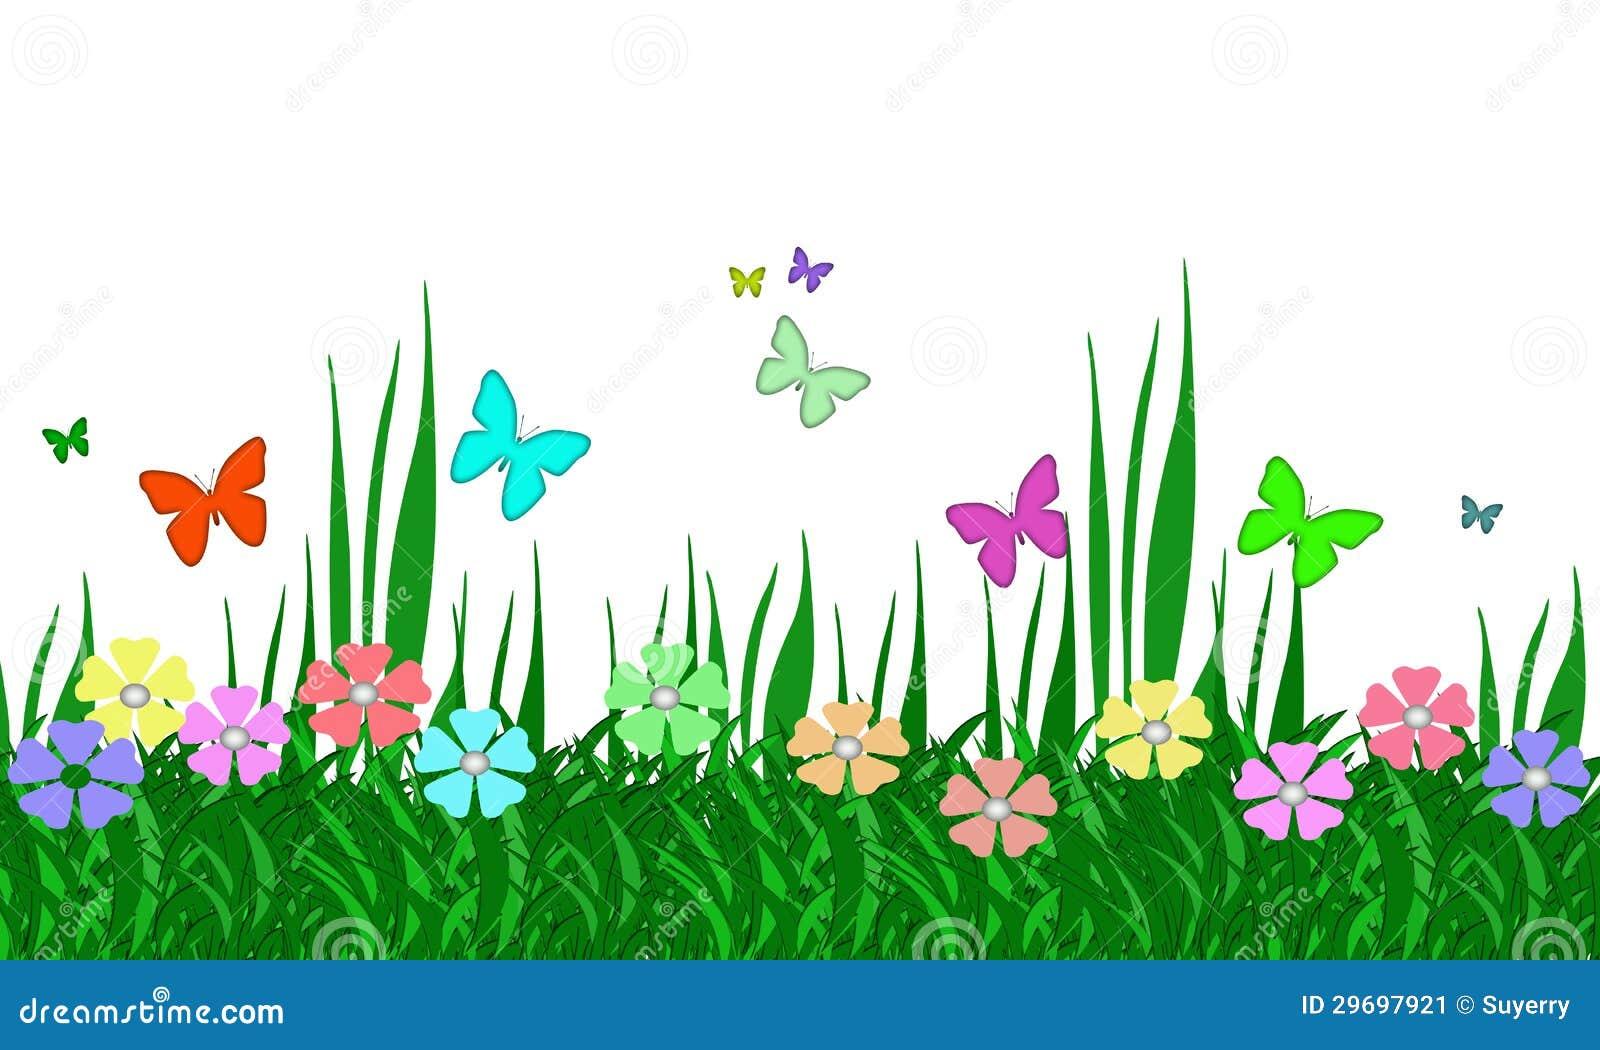 Imagen de archivo: Jardín de flores, hierba, y mariposas en colores ...